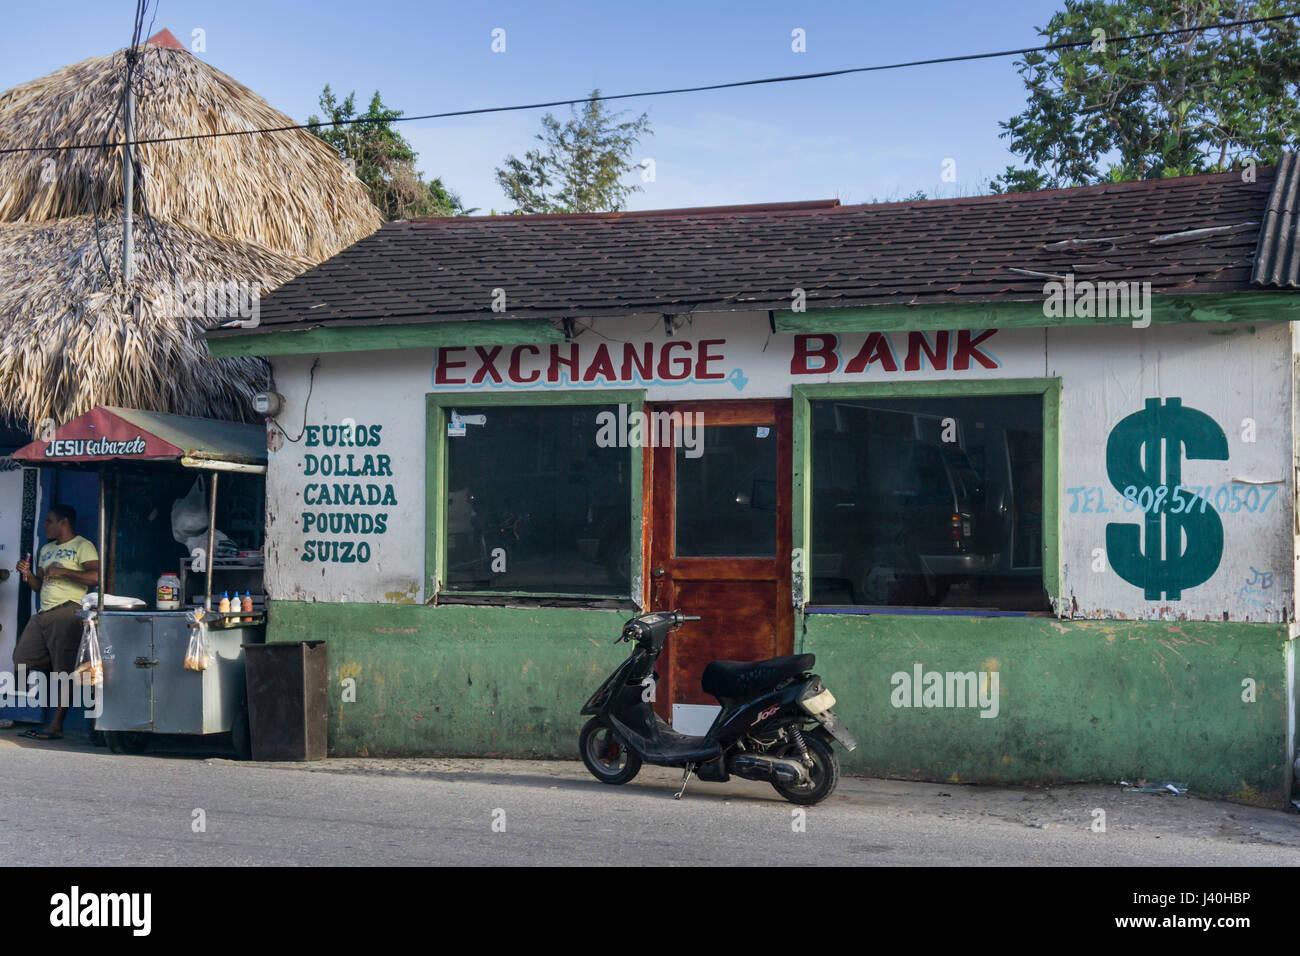 Exchange Bank, Cabaerete, República Dominicana Imagen De Stock